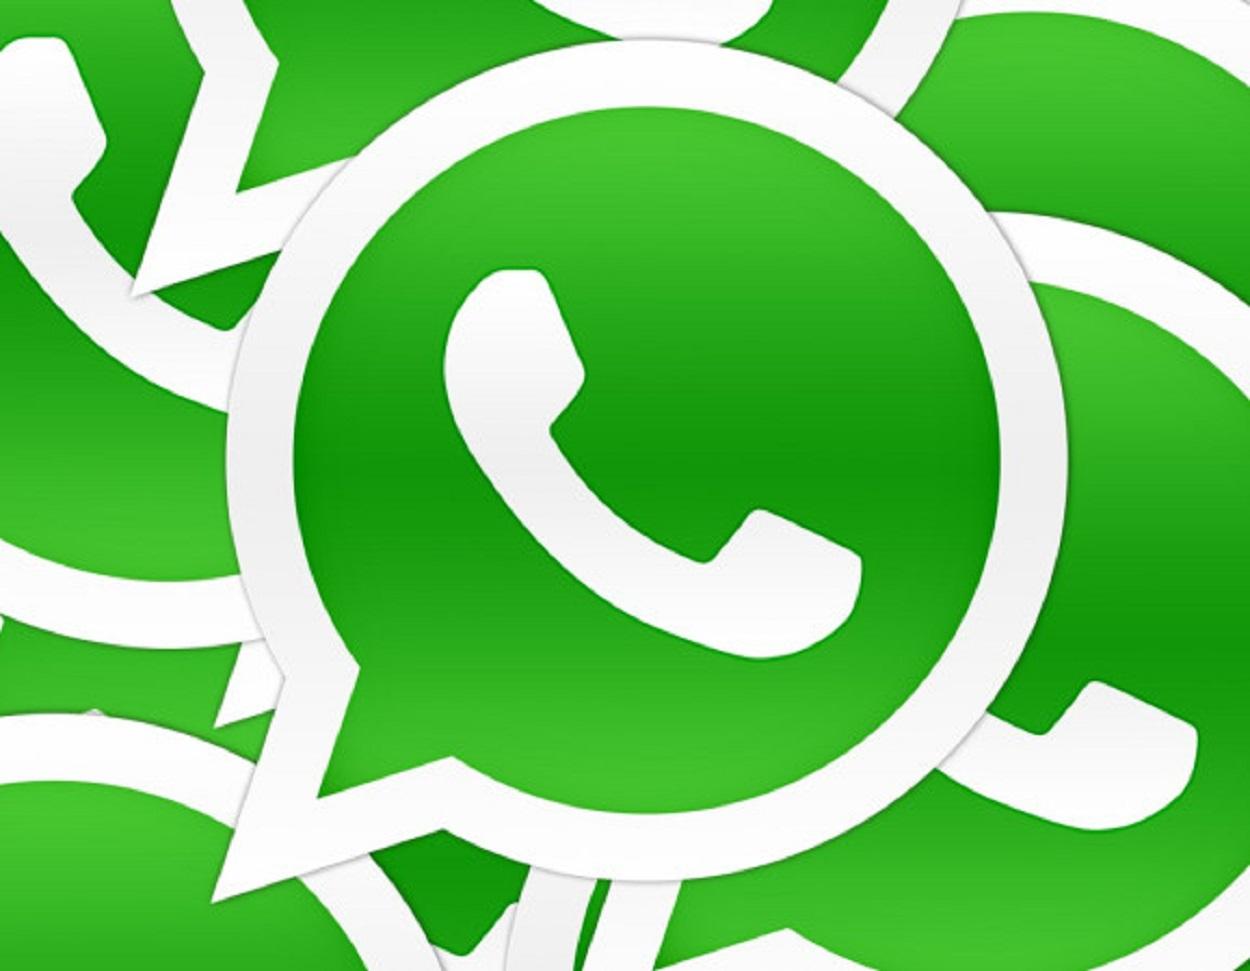 Pp couple buat wa,dan aplikasi lainnya link group fb group. Ratusan Group Whatsapp Islami Baru Tahun 2021 Khusus Muslim Dan Muslimah Banjir Embun